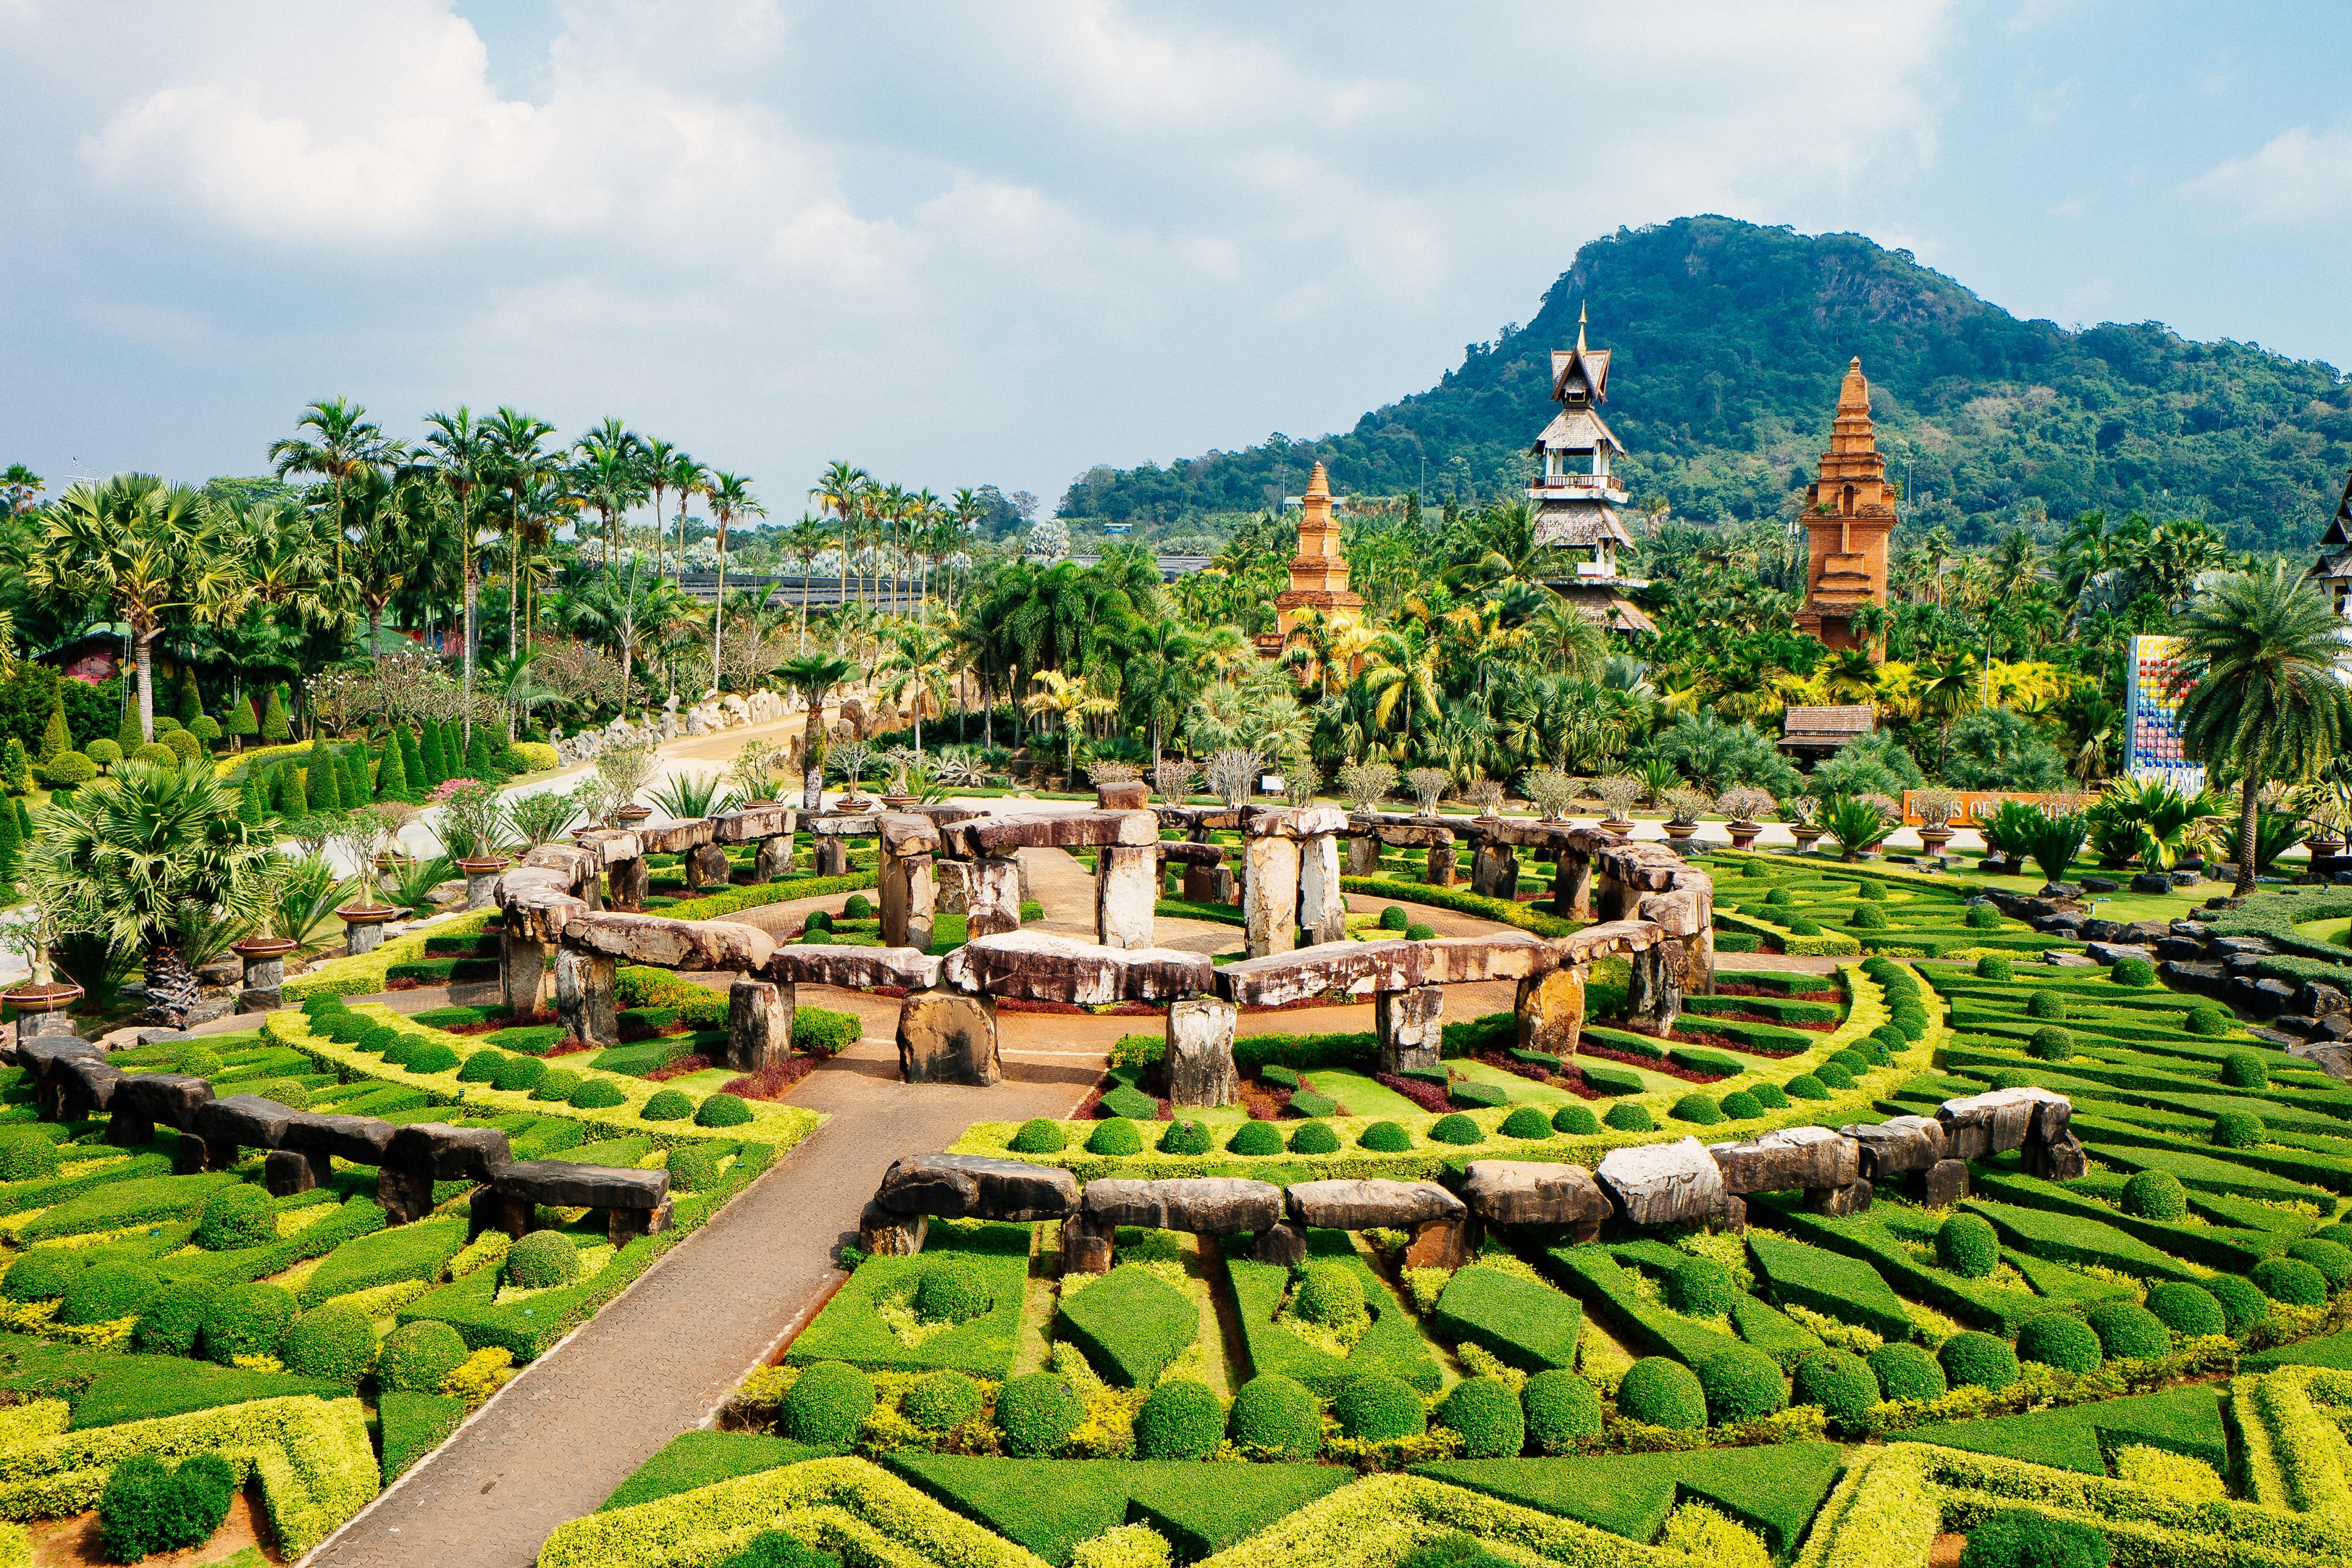 Nong Nooch Tropical Garden Ticket